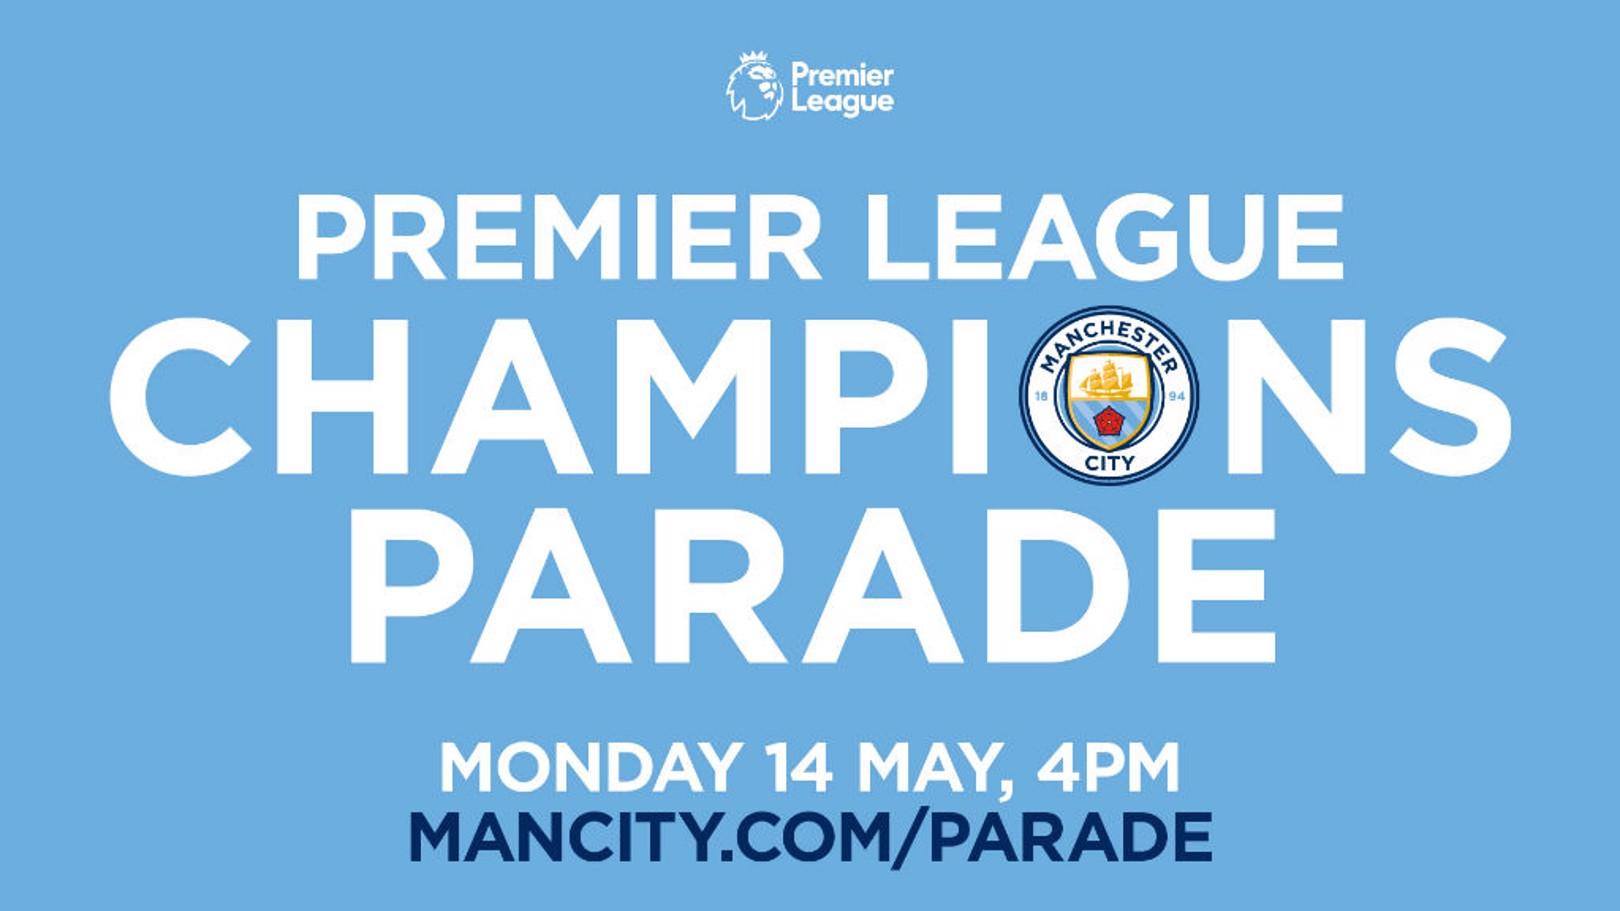 PARADE: Premier League Champions.